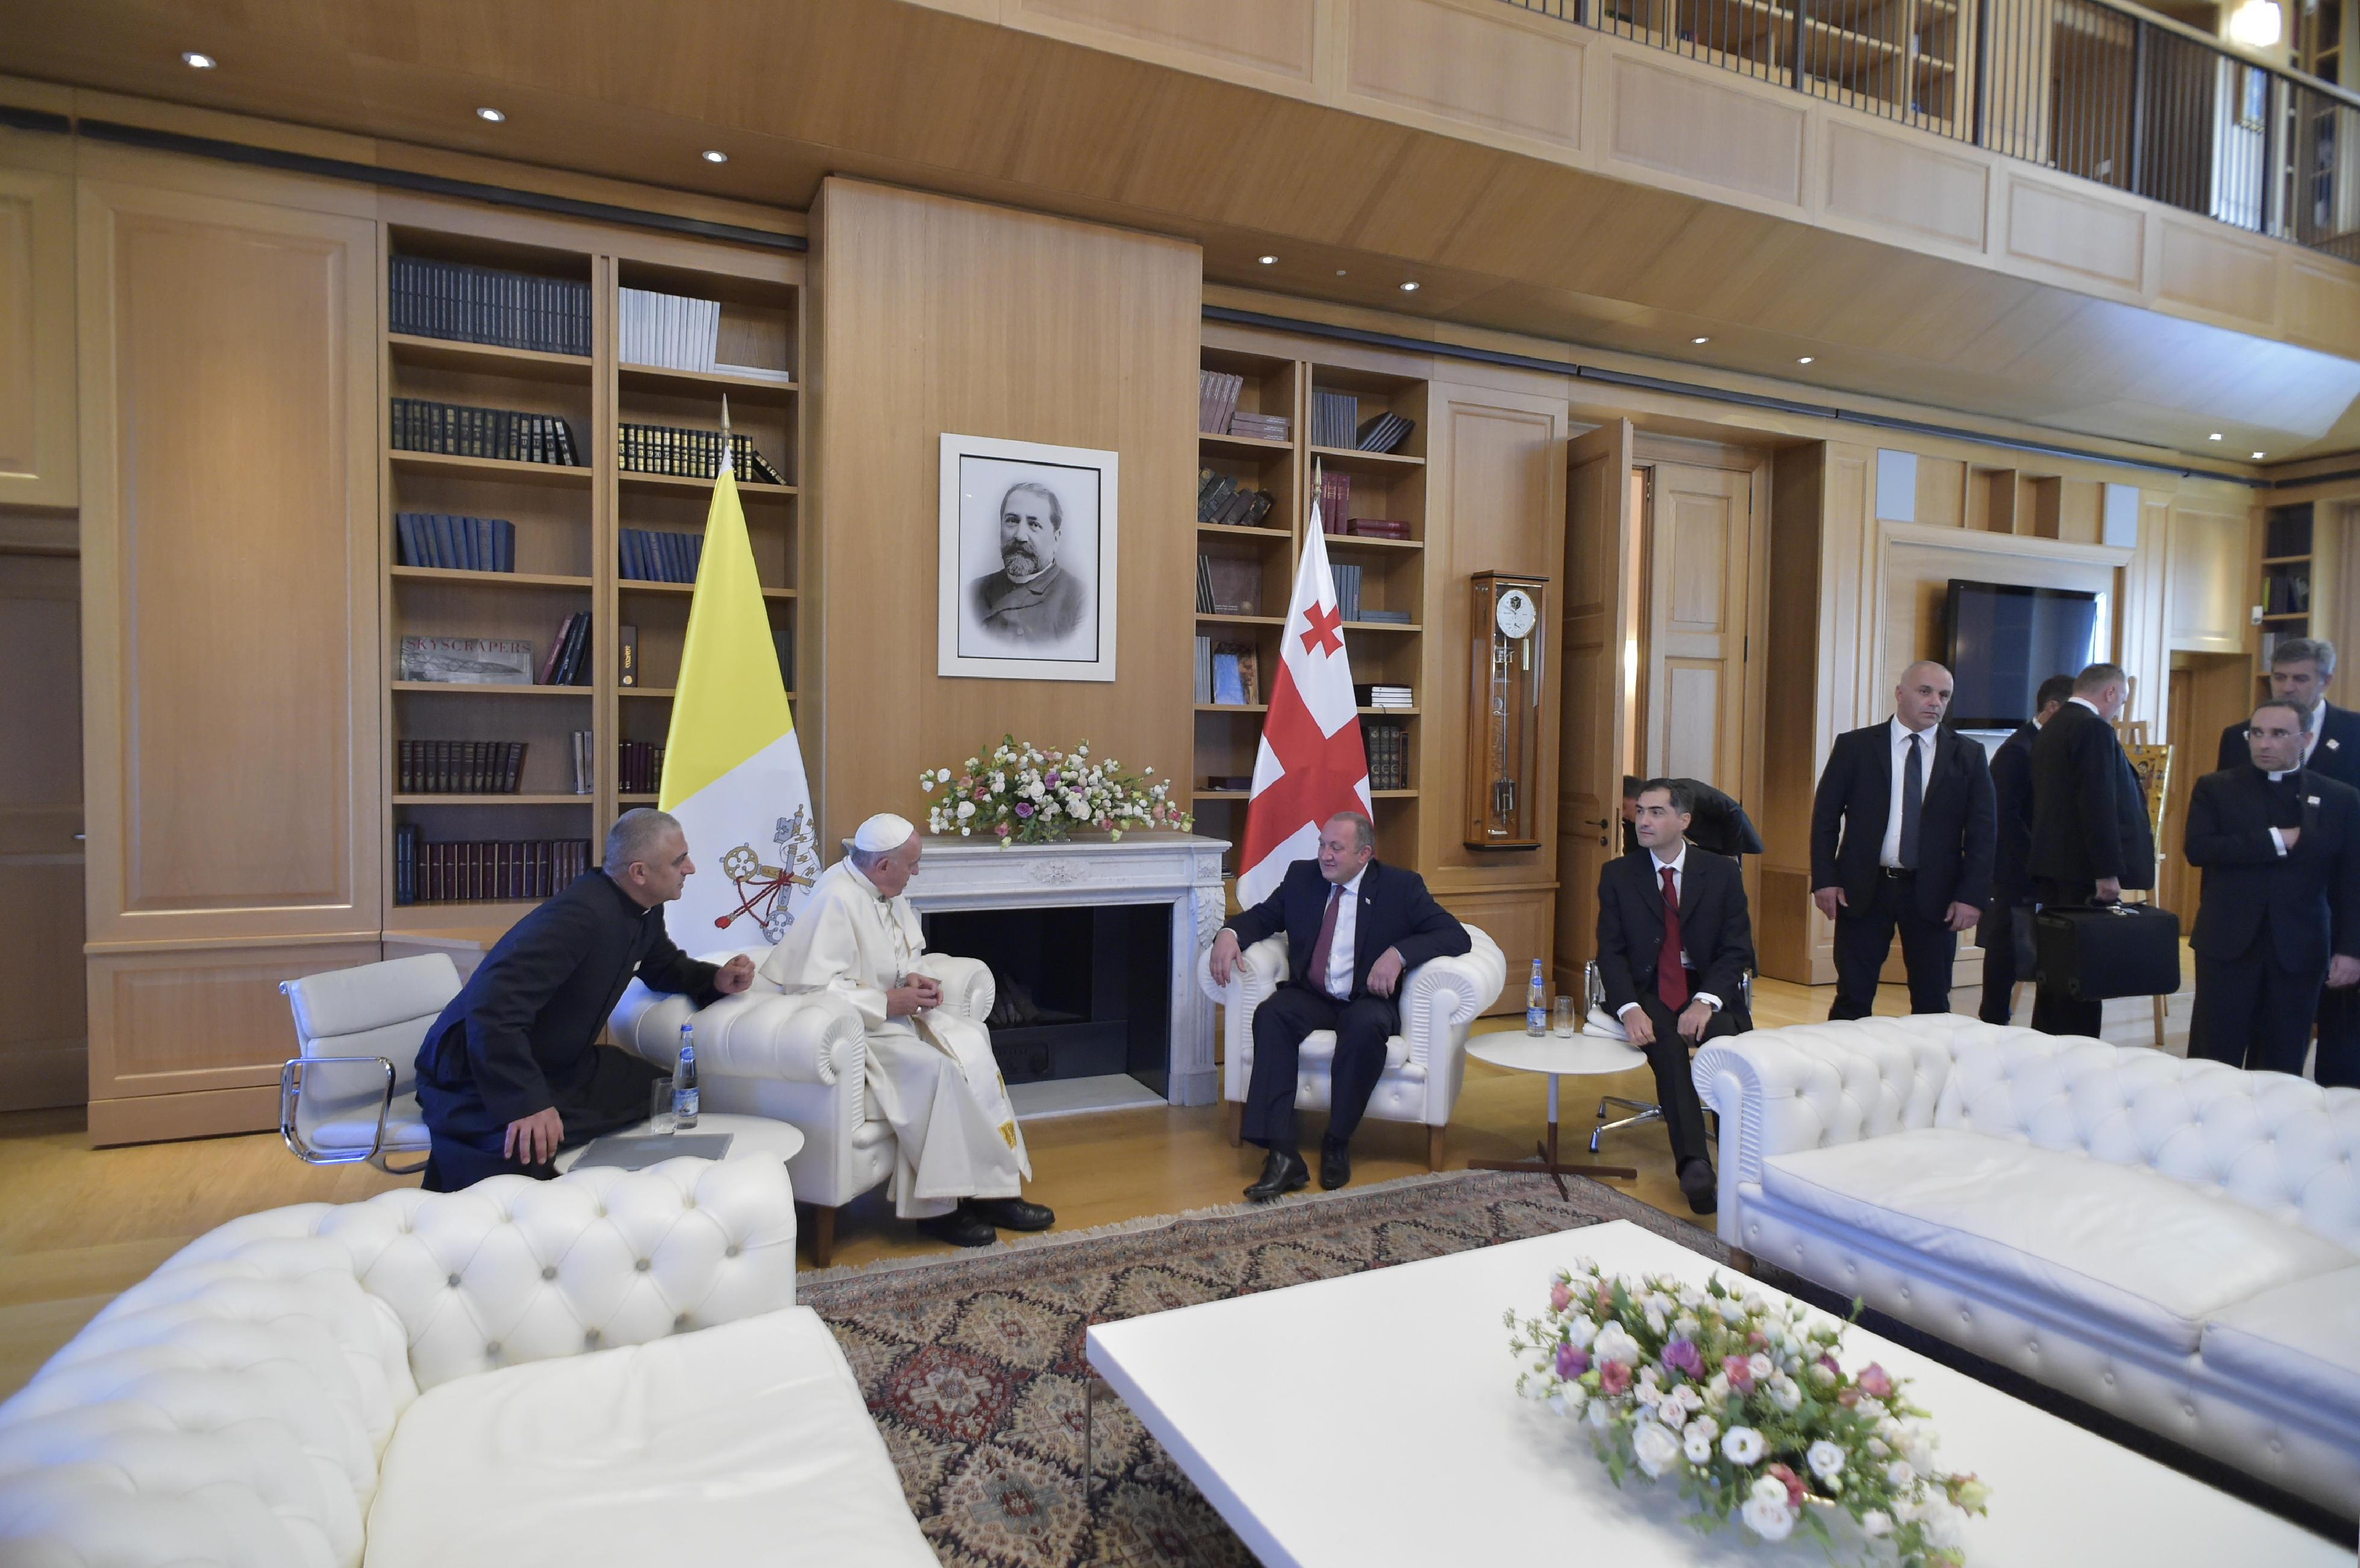 Rencontre privée du pape et du président géorgien © L'Osservatore Romano